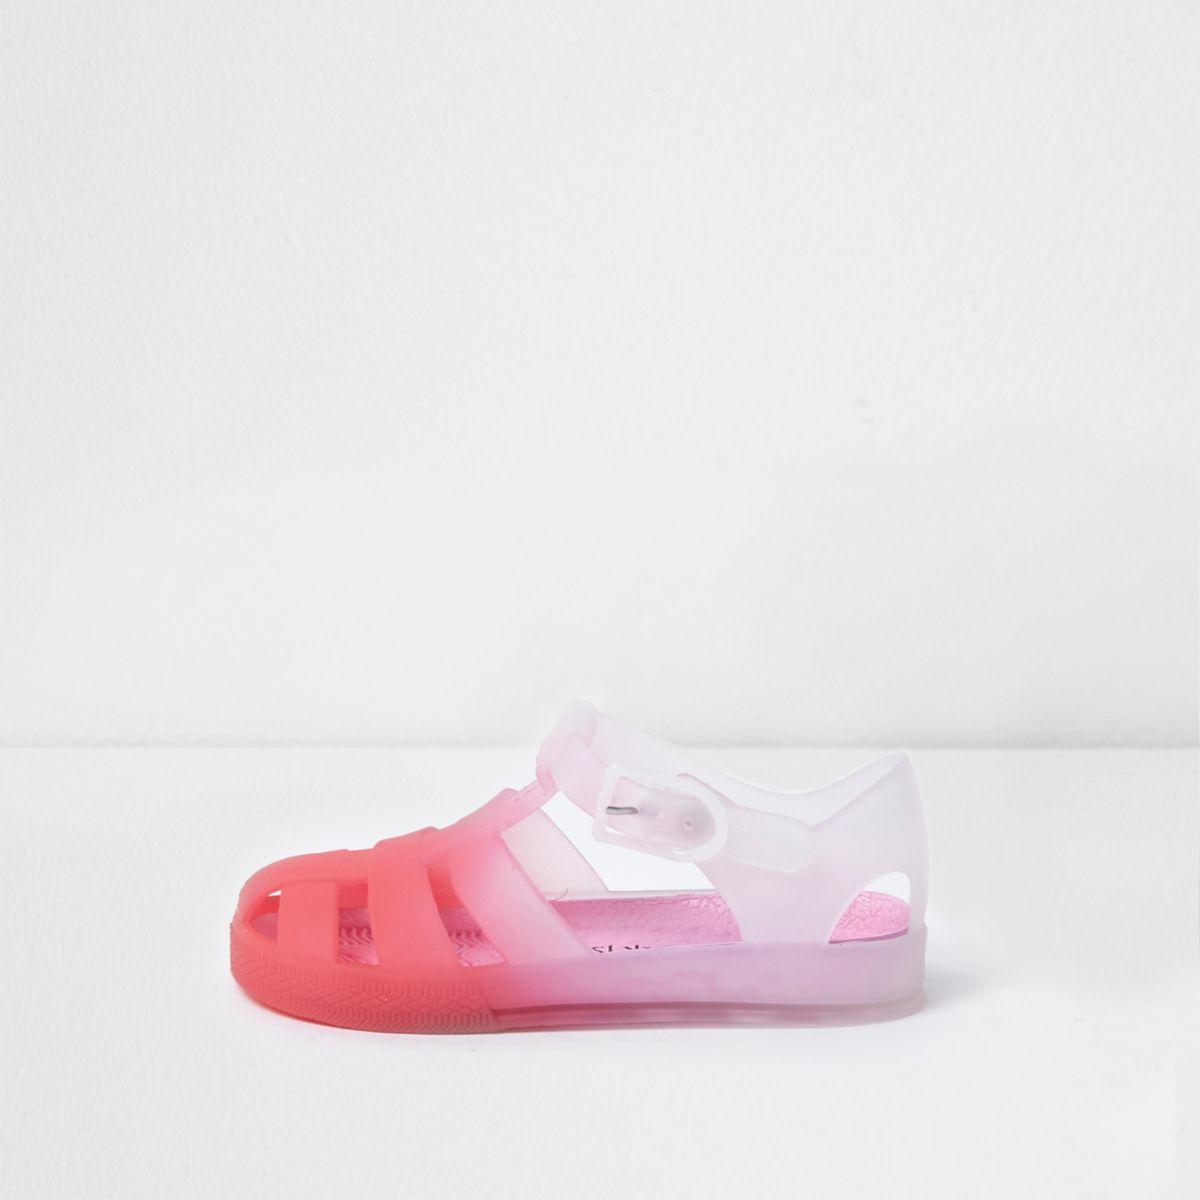 Pinke Jelly-Sandalen